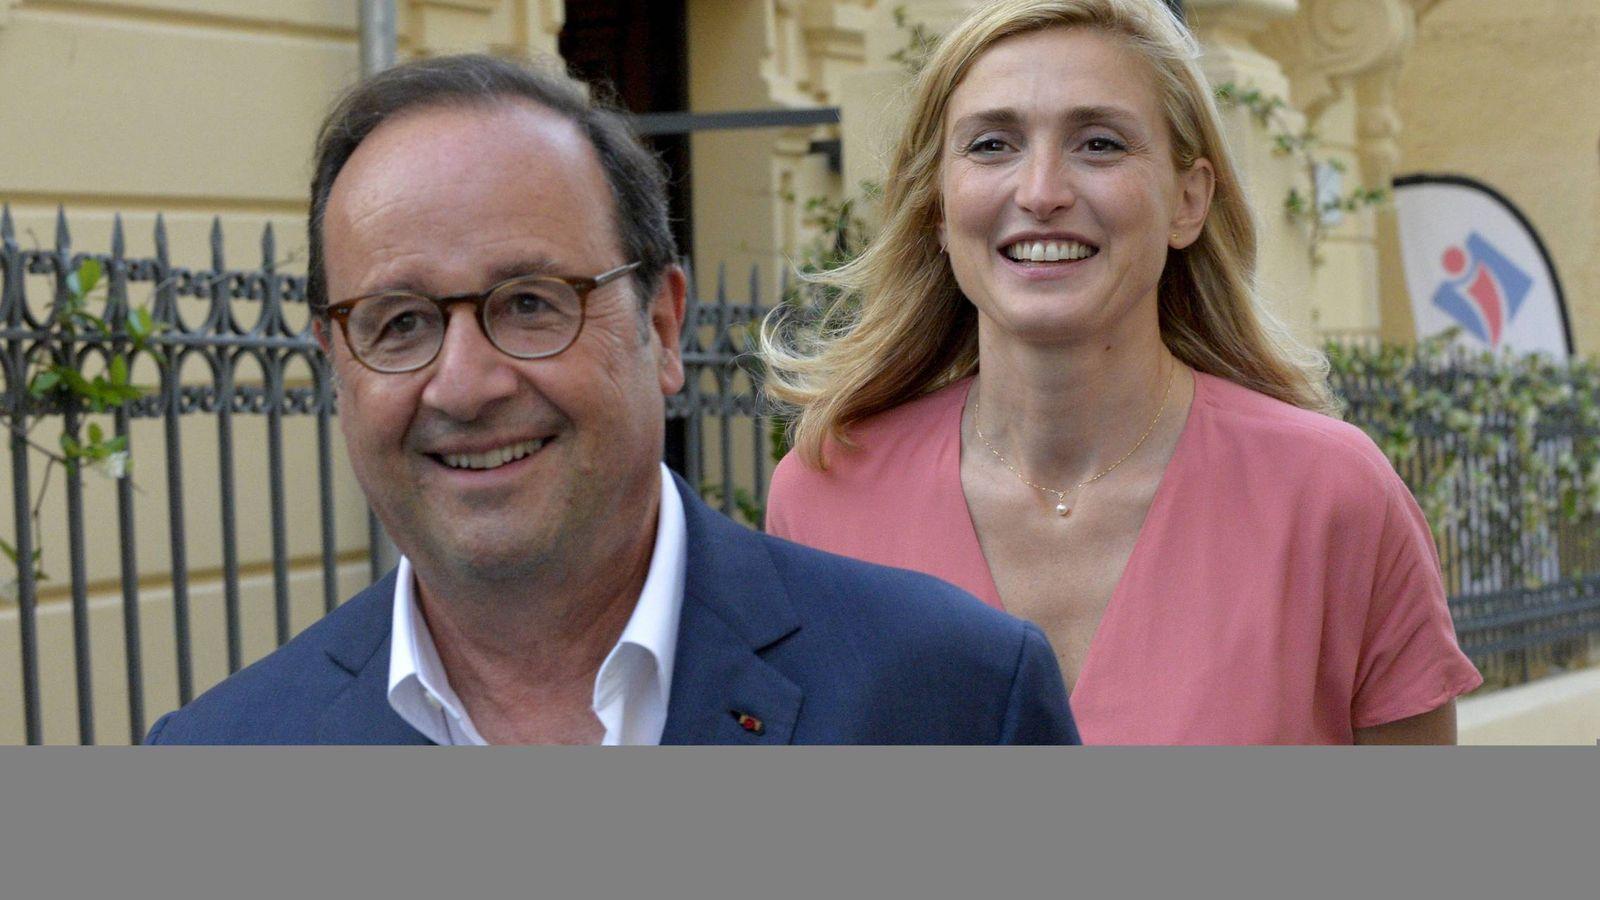 Foto: Hollande junto a Julie Gayet en Venecia. (Cordon Press)